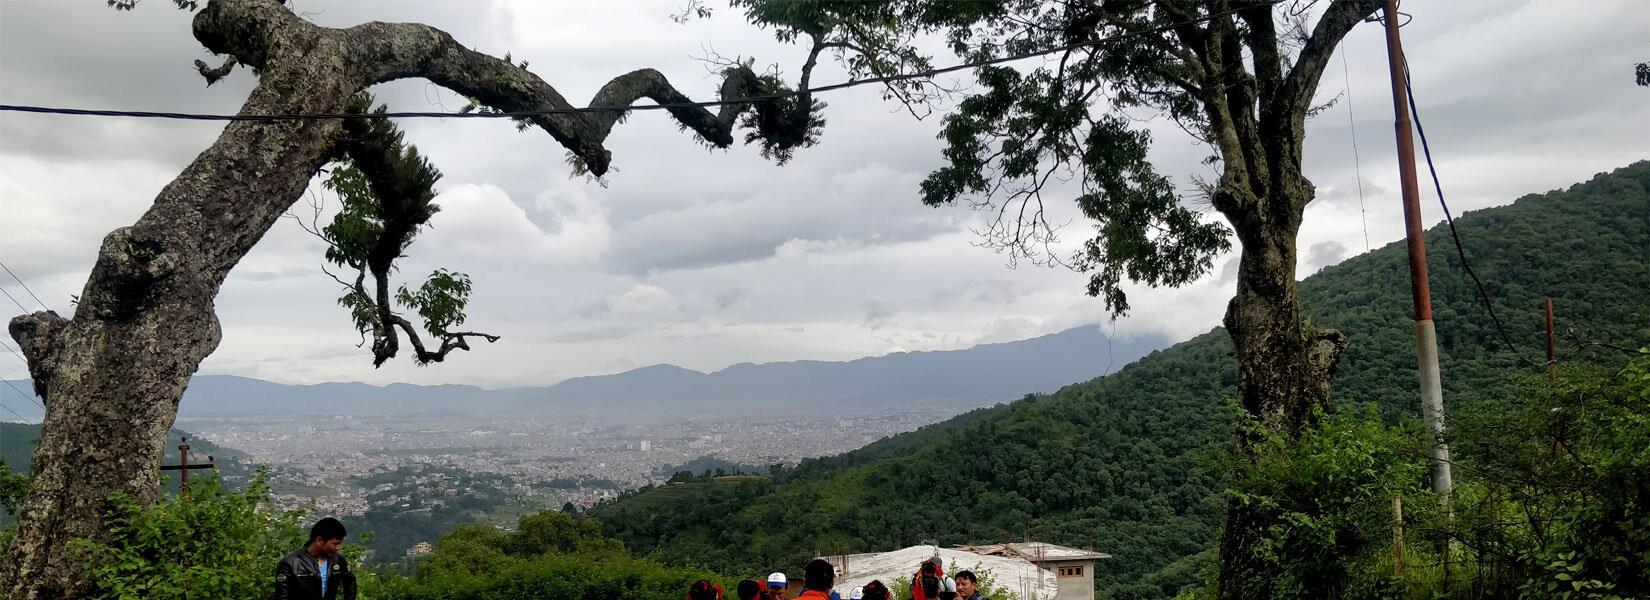 Phulchowki Hill Hike From Kathmandu